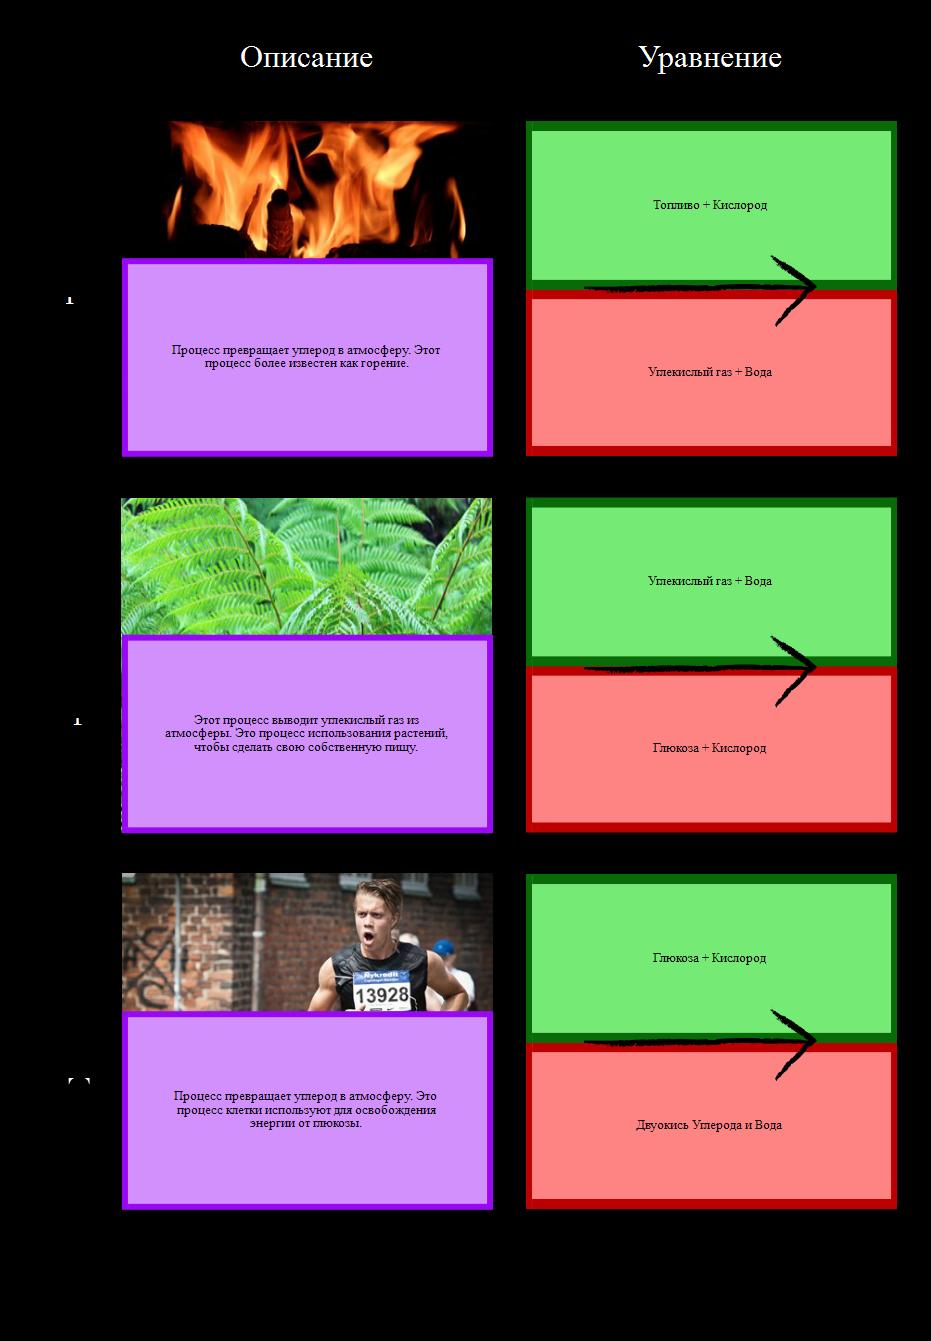 Процессы в Сетке Углеродного Цикла